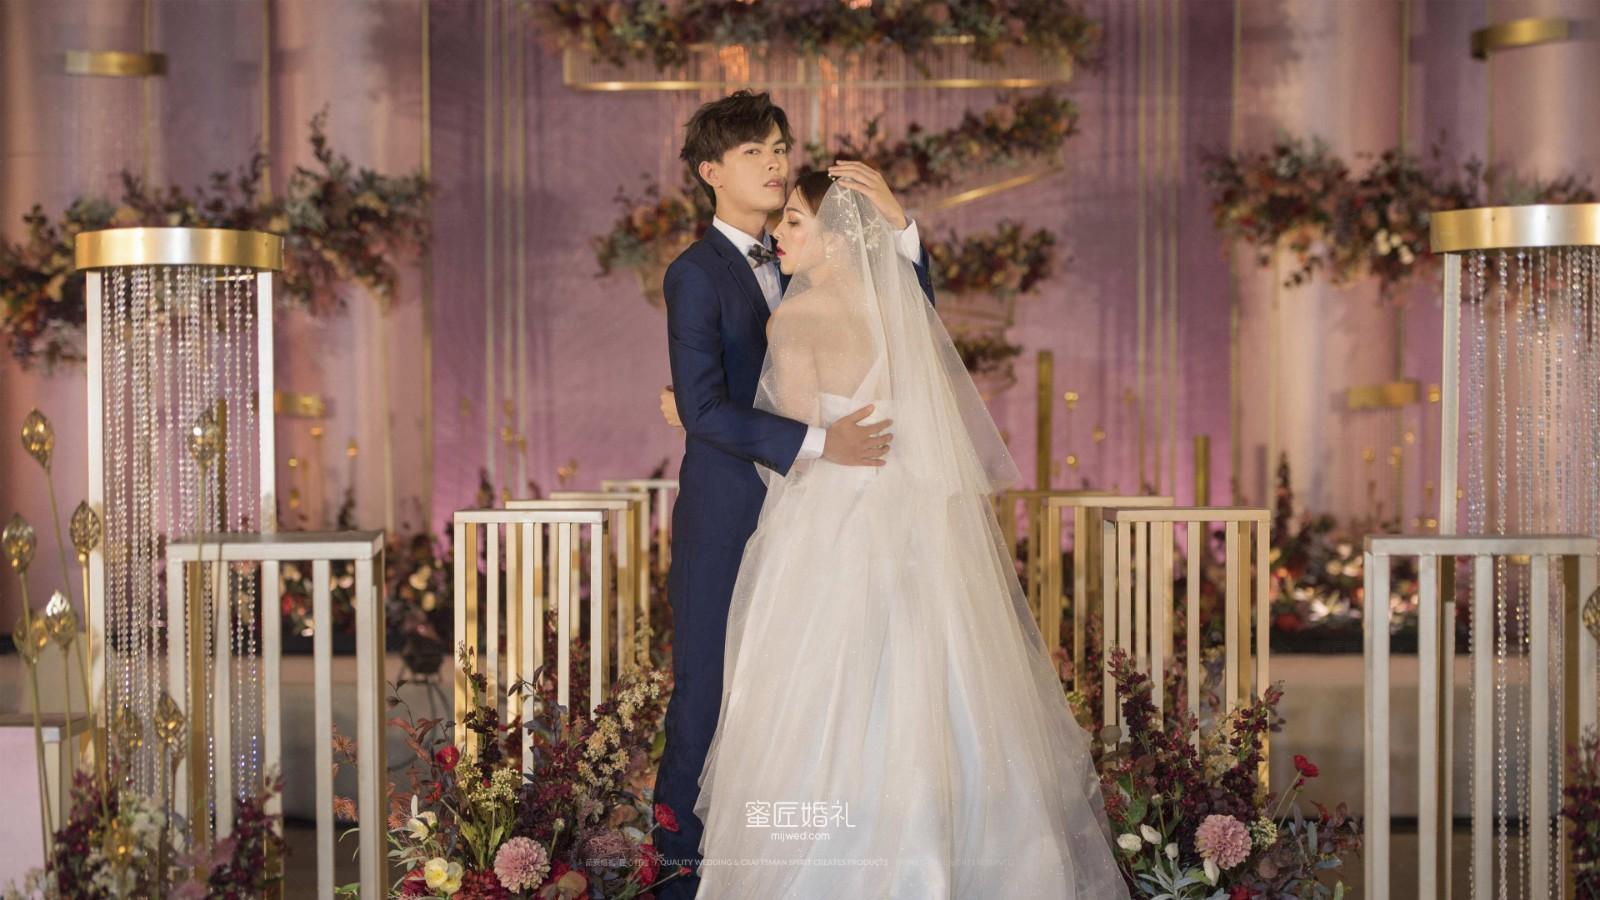 武汉婚礼有哪些复古风格,武汉婚礼复古现场布置